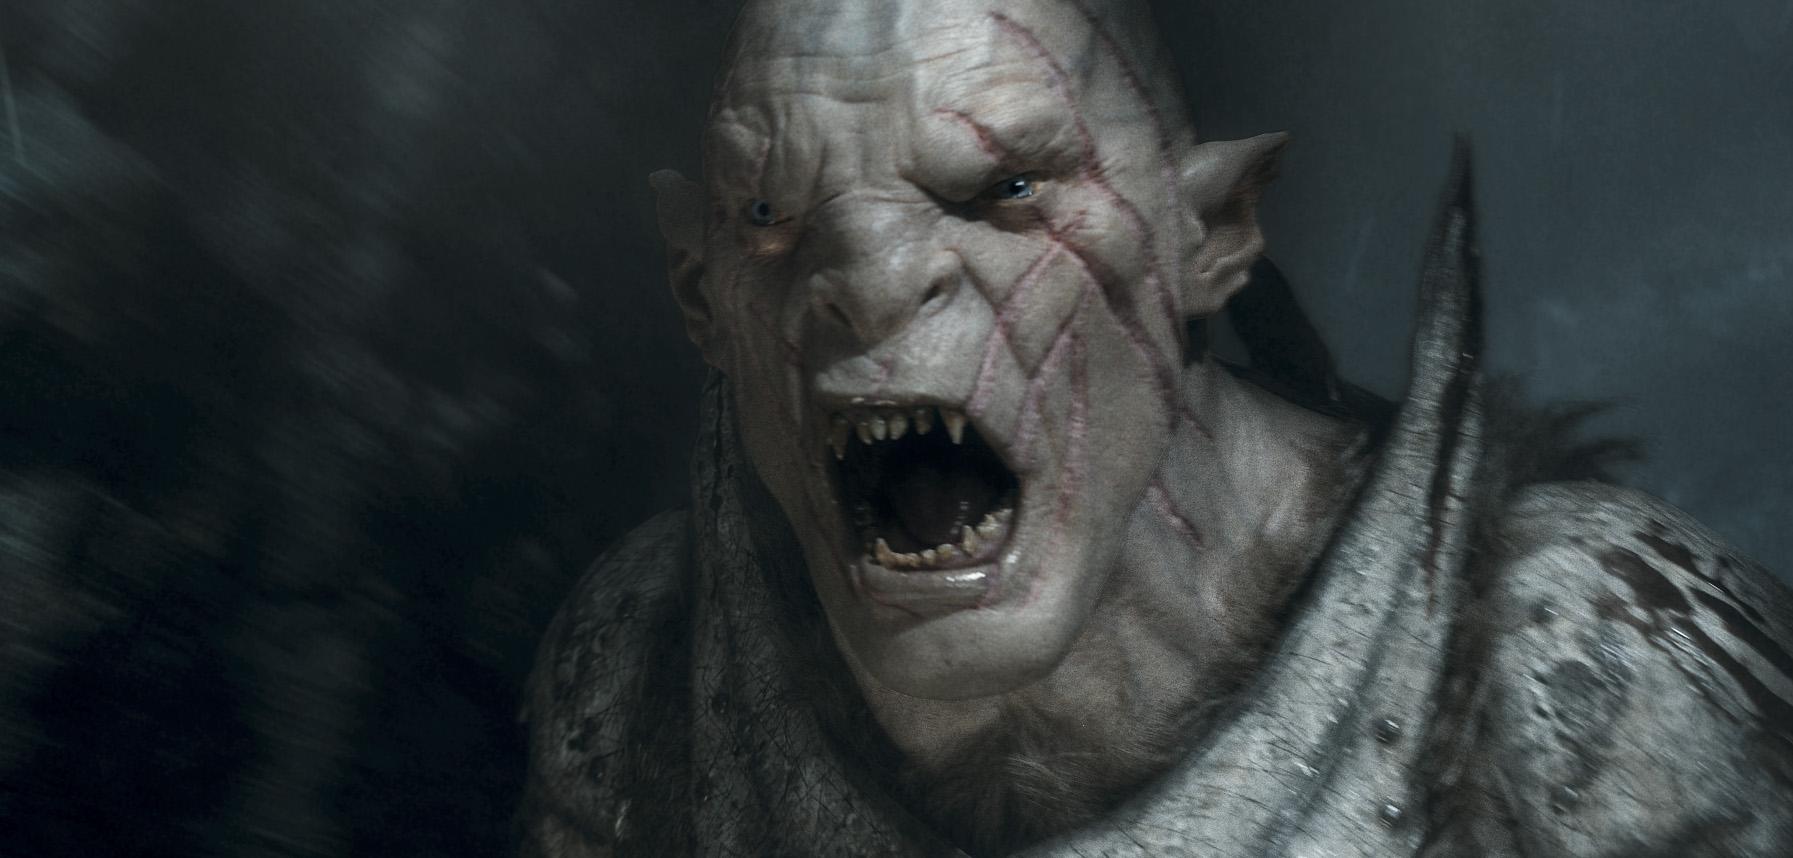 кадры из фильма Хоббит: Битва пяти воинств